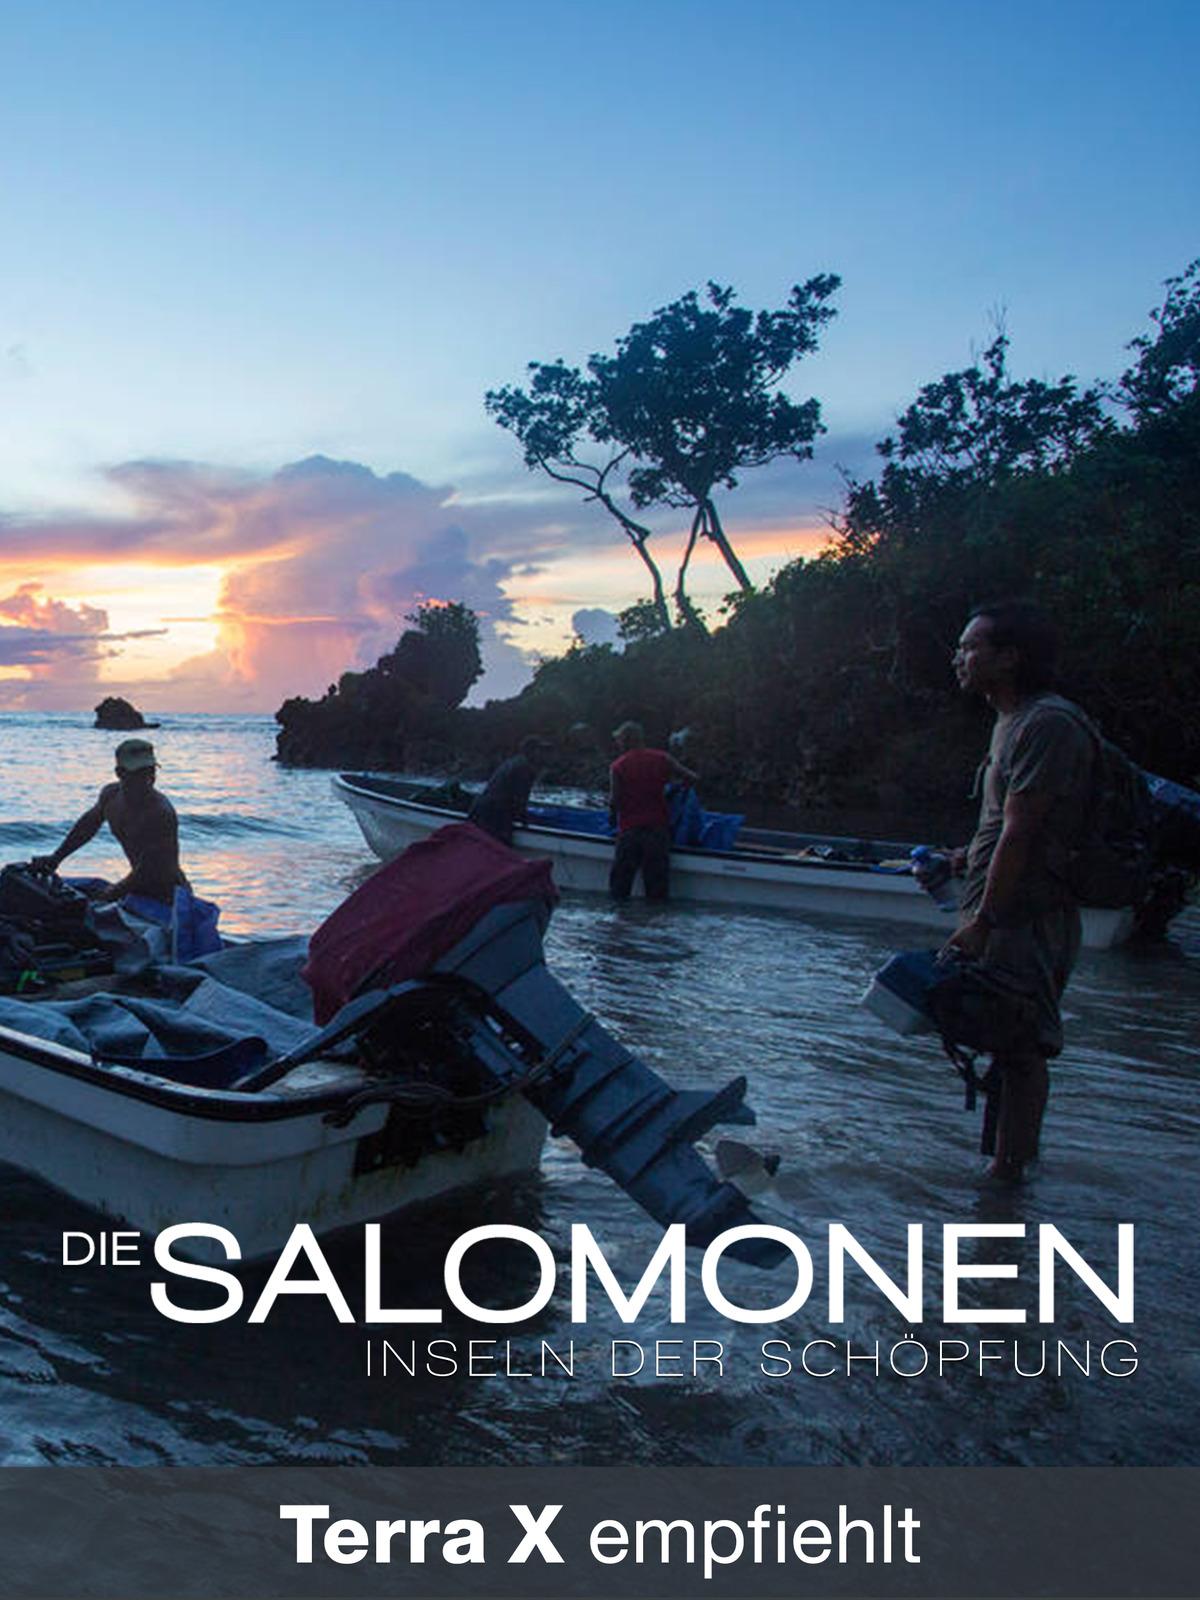 Die Salomonen – Inseln der Schöpfung